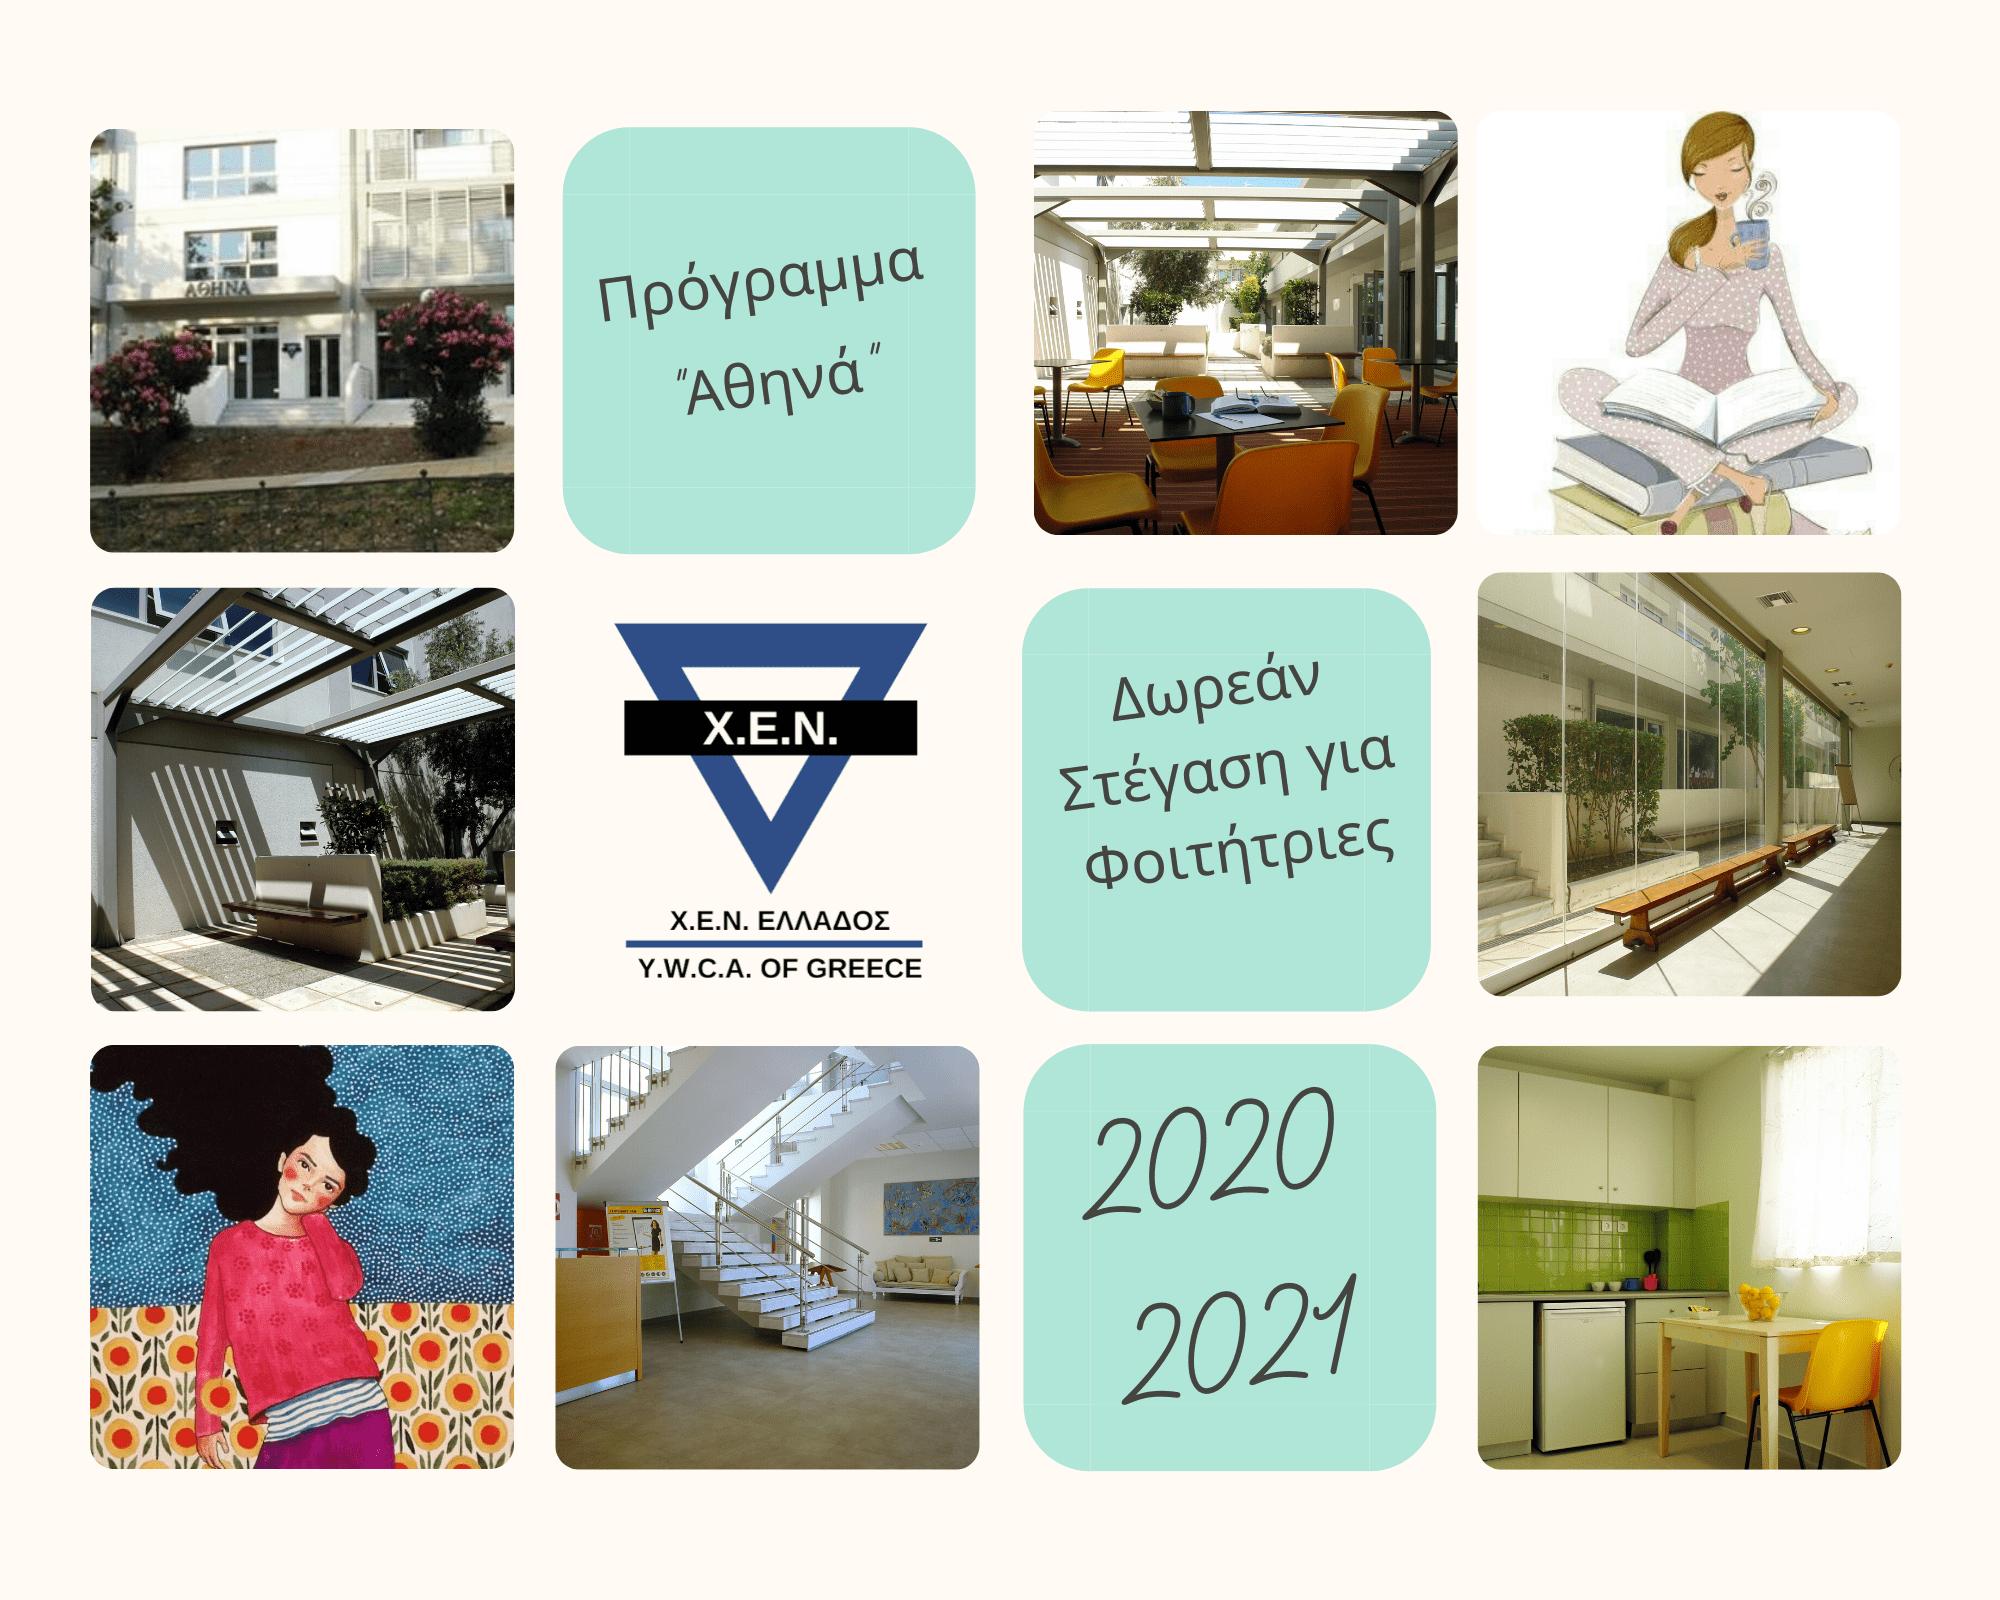 Η ΧΕΝ Ελλάδος στηρίζει την Εκπαίδευση της Γυναίκας - ΧΕΝ Ελλάδος